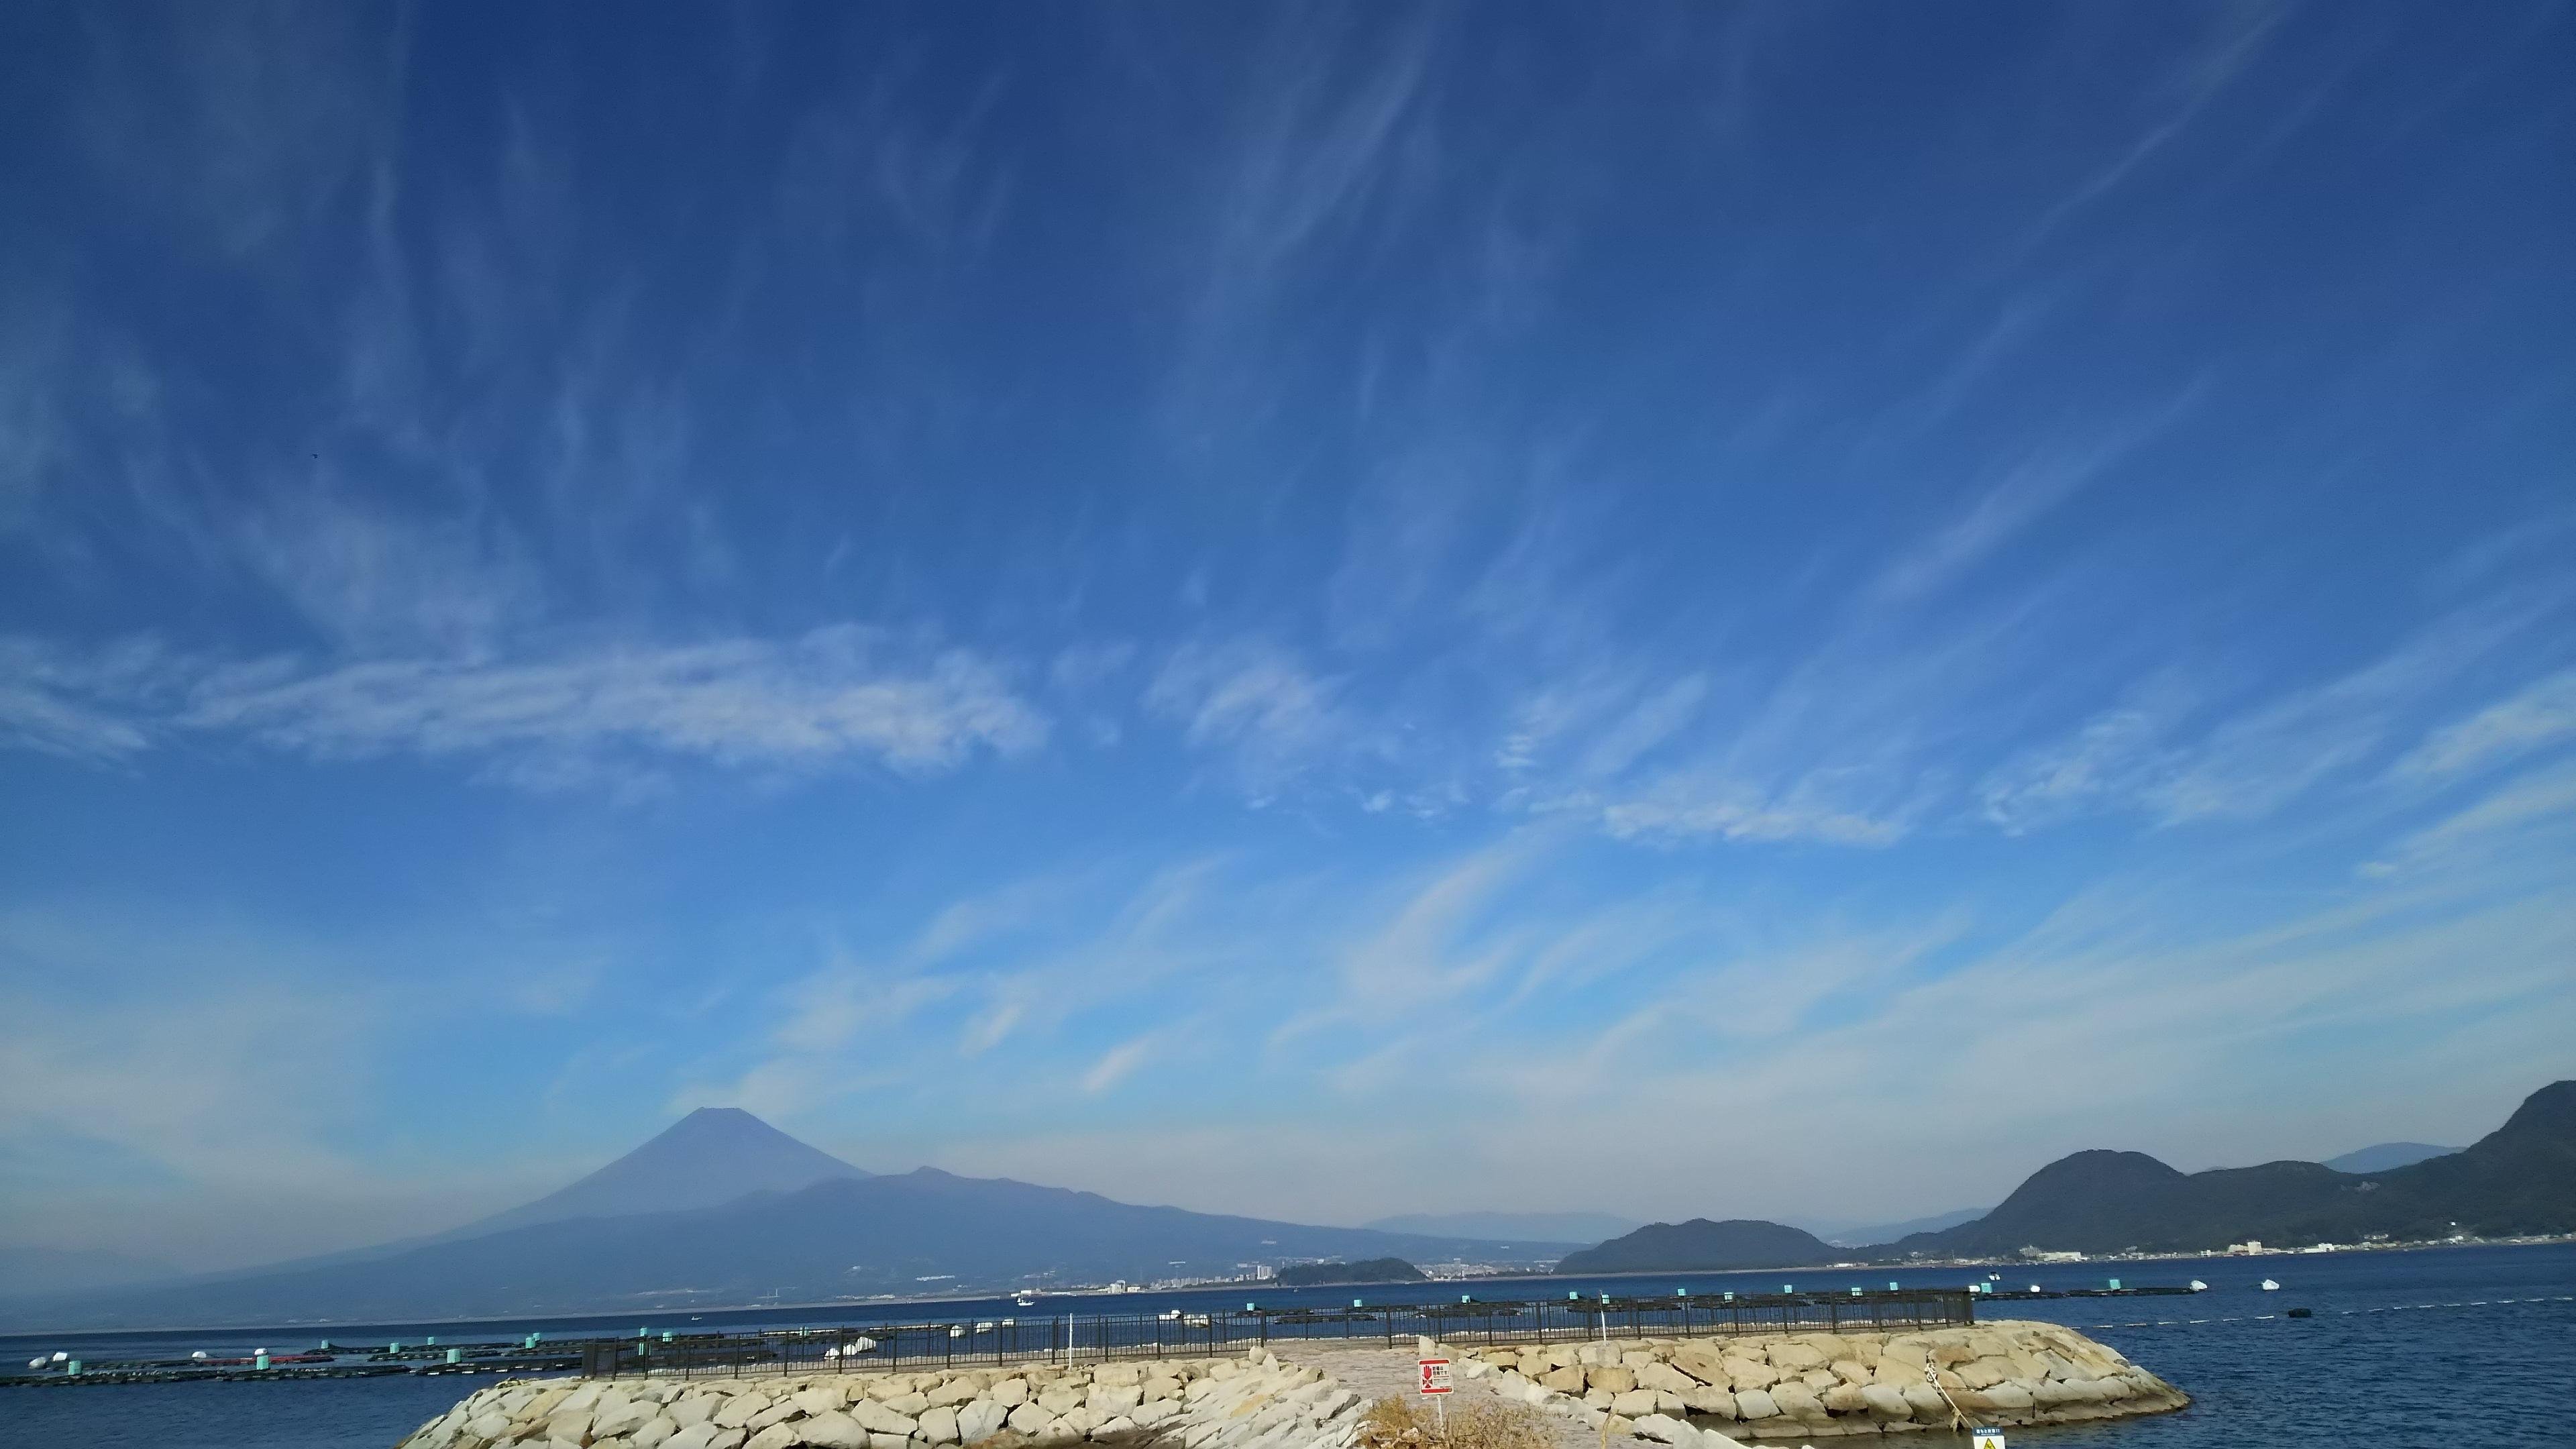 静岡県沼津市のらららサンビーチ